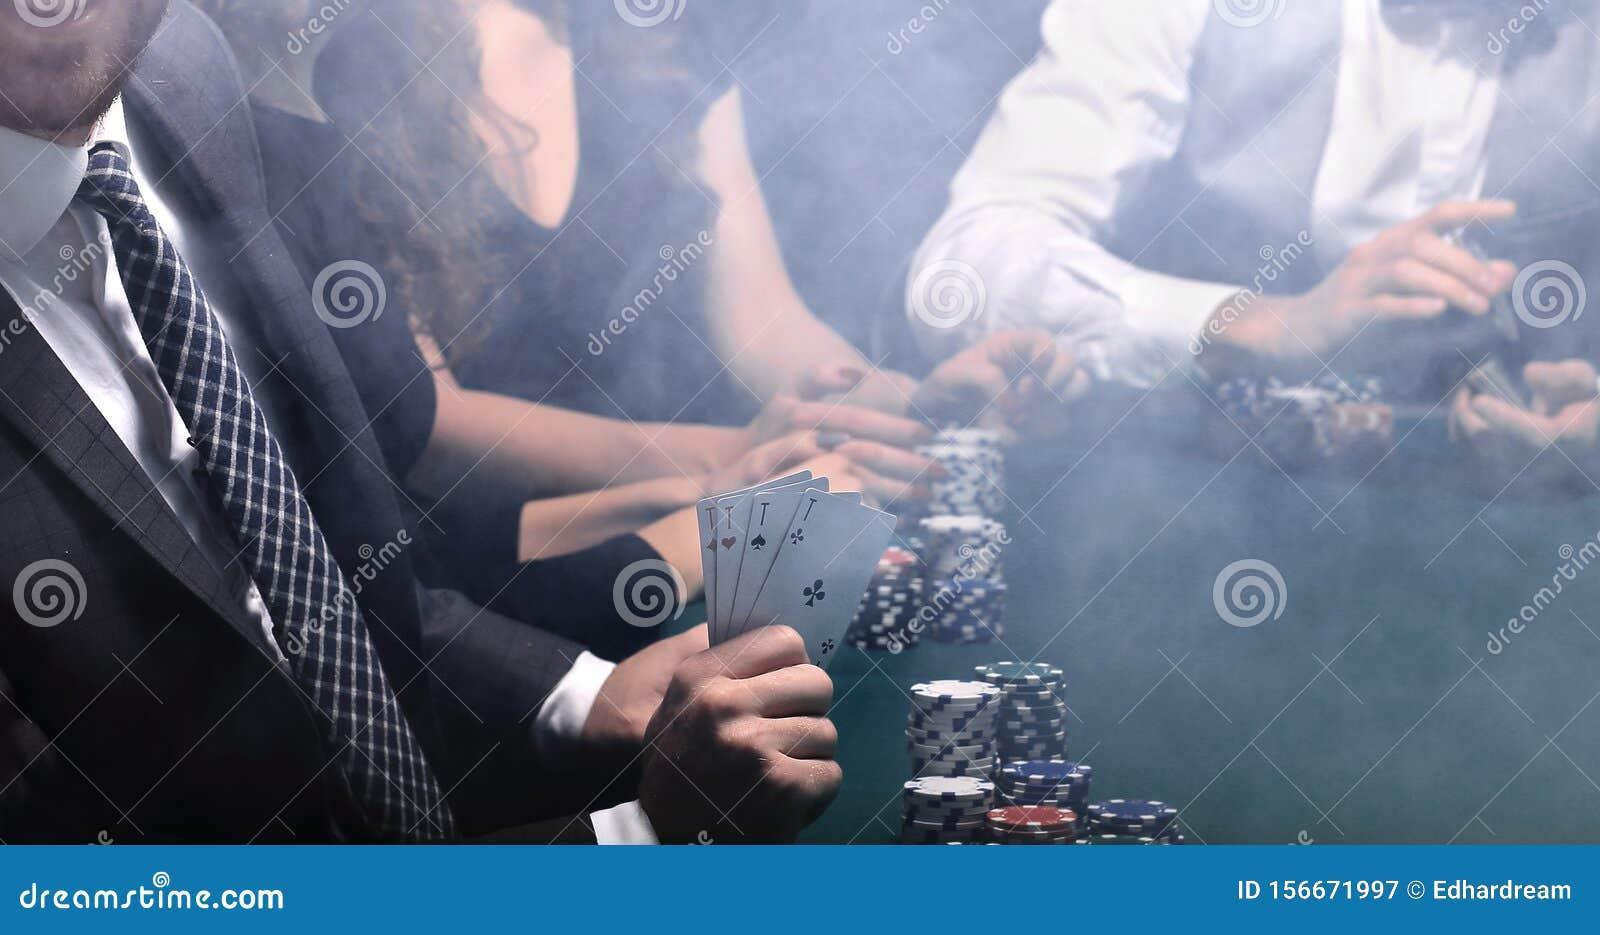 Businessman showing four aces